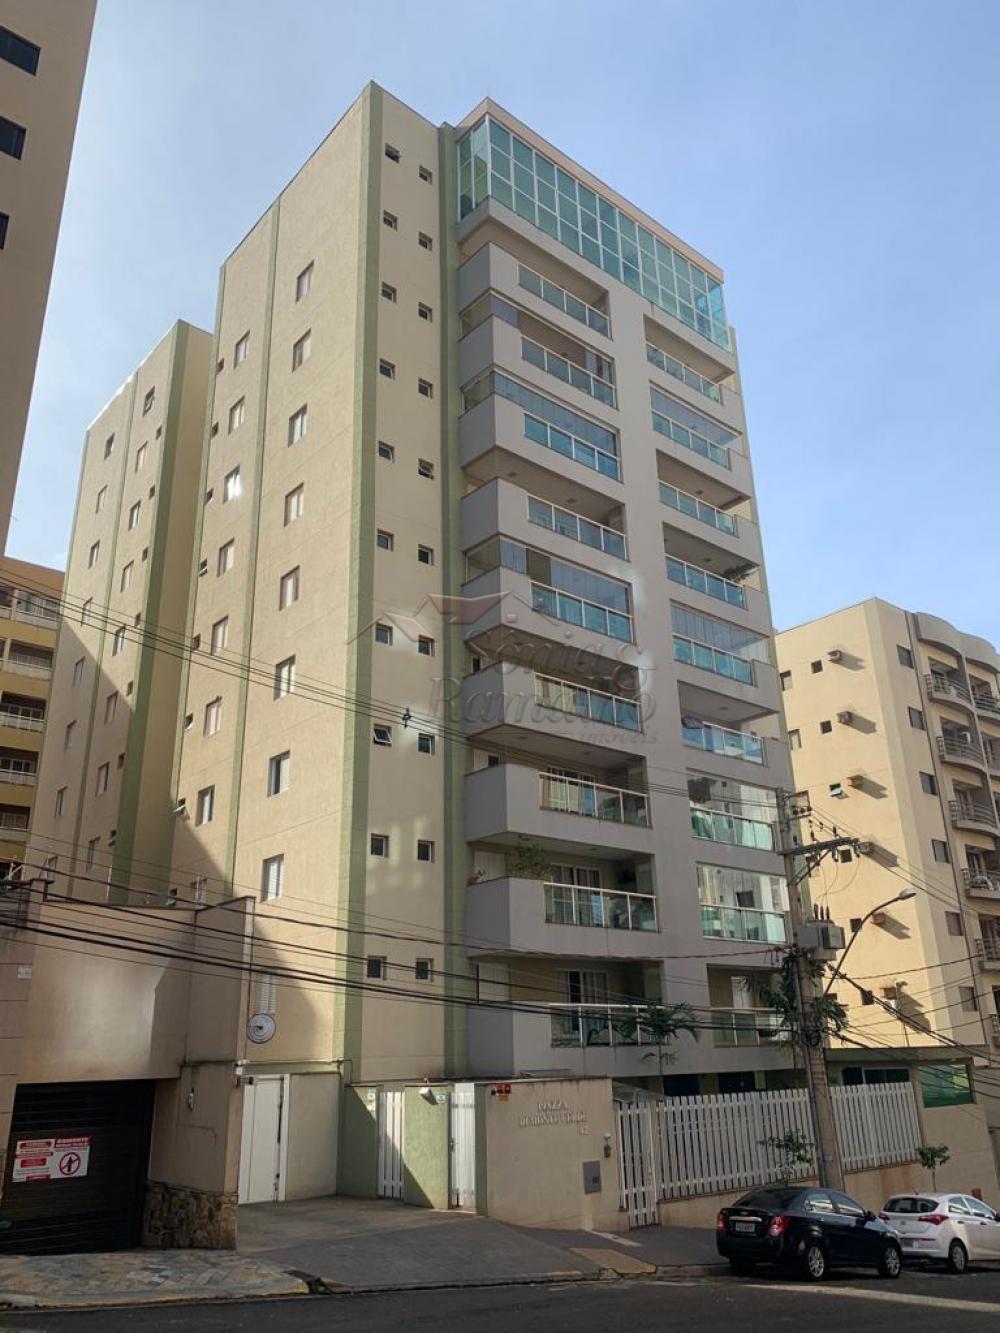 Comprar Apartamentos / Padrão em Ribeirão Preto apenas R$ 490.000,00 - Foto 1